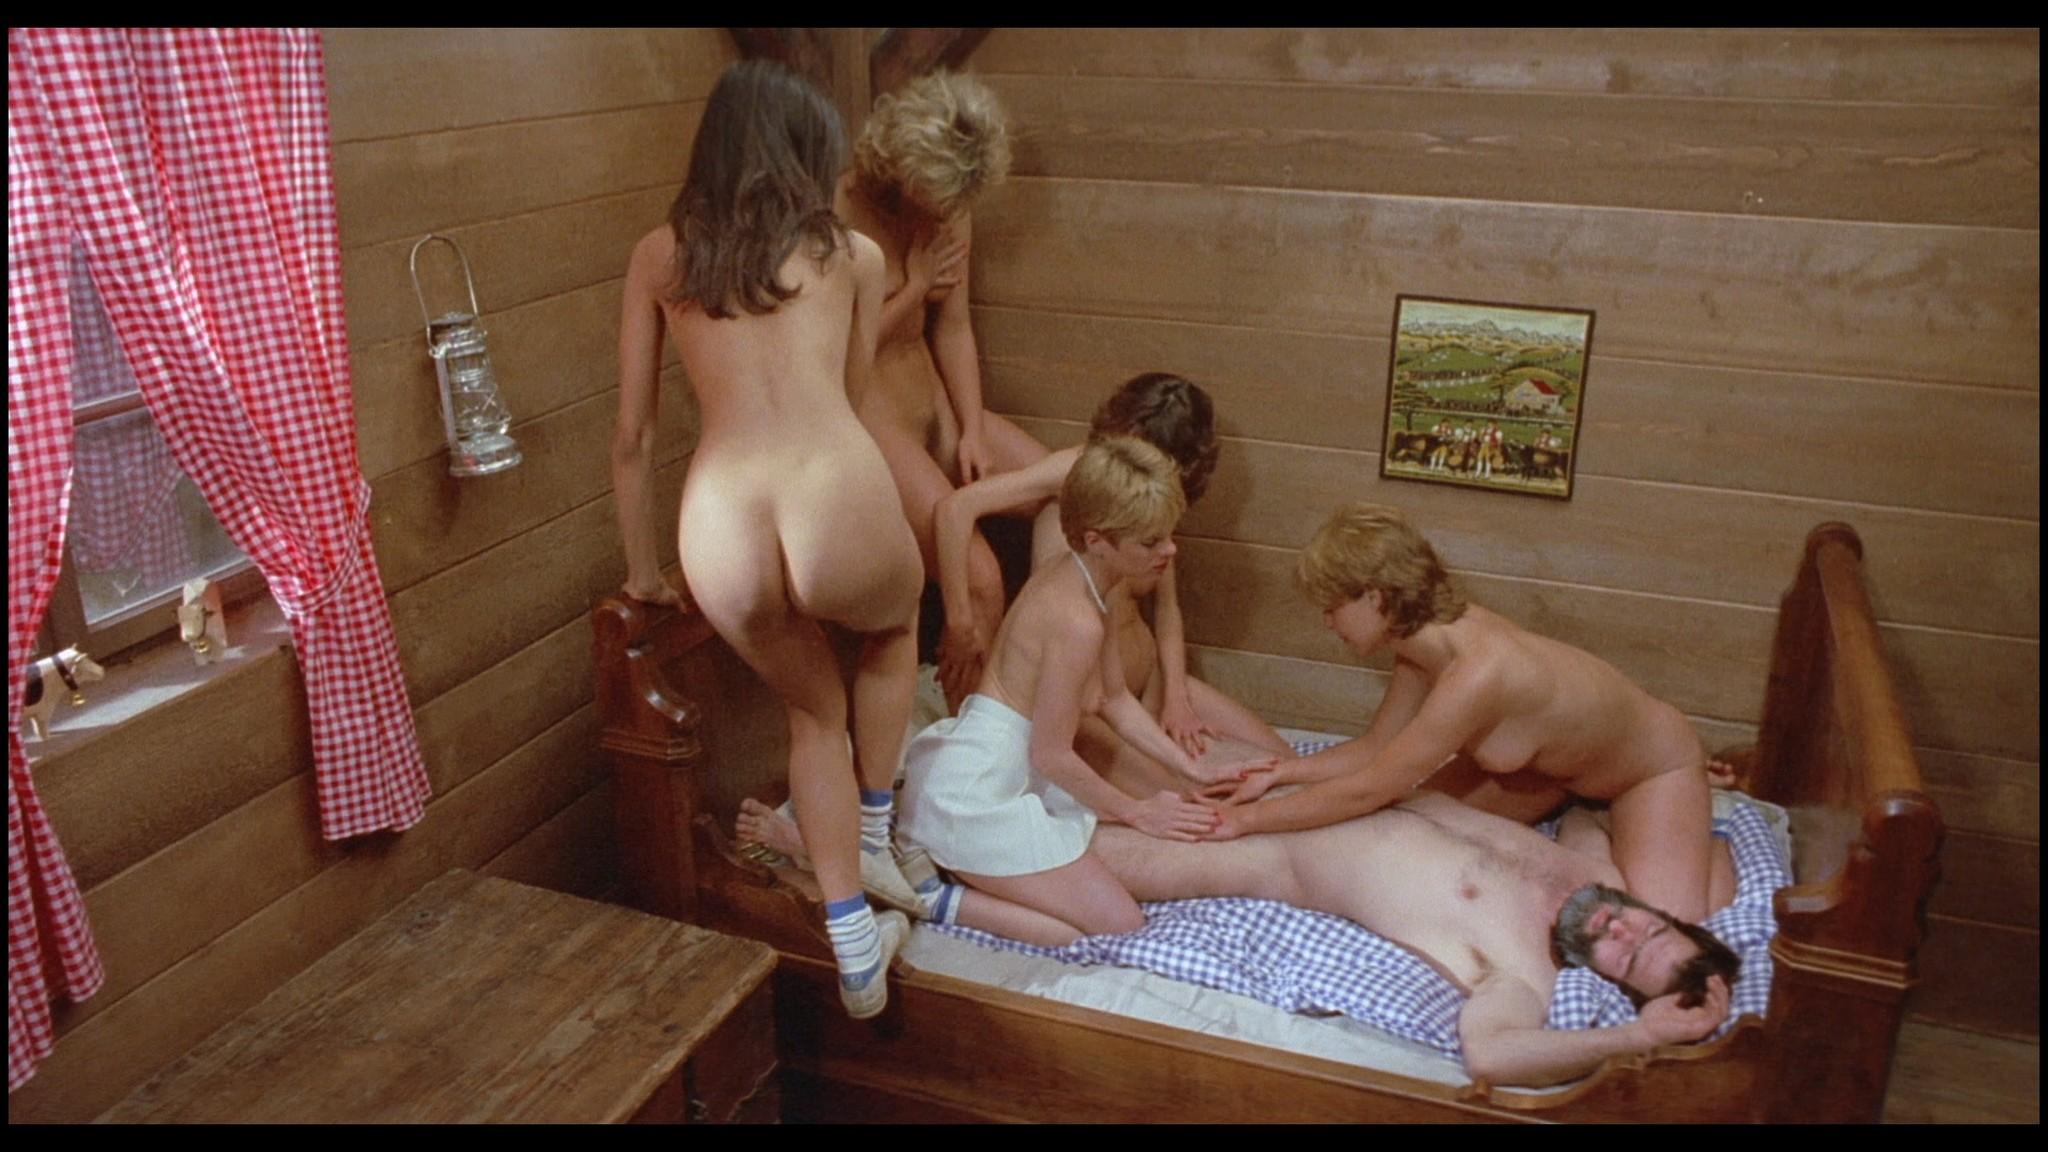 Marianne Aubert Michaela Larsen etc nude explicit sex Sechs Schwedinnen auf der Alm 1983 1080p BluRay 13